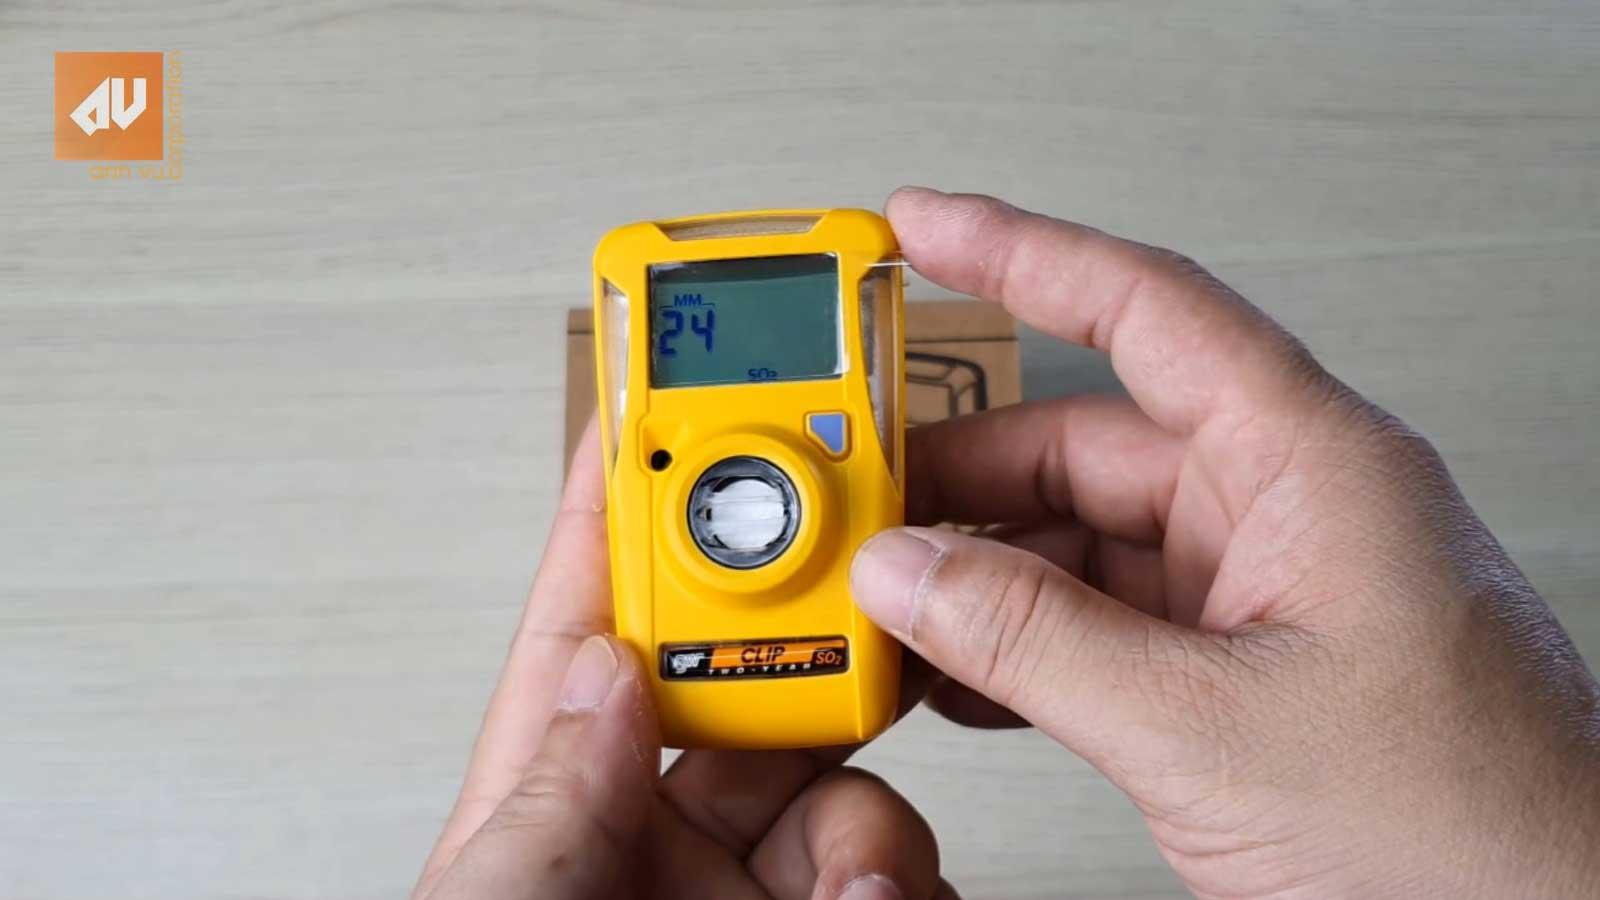 Giới thiệu Máy đo khí BW Clip SO2 của Honeywell